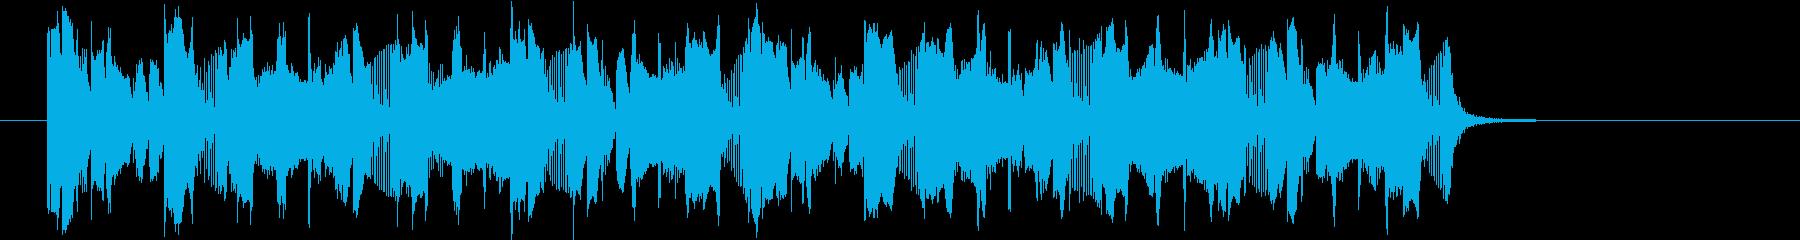 クイズ番組の出題に流れる音ですの再生済みの波形